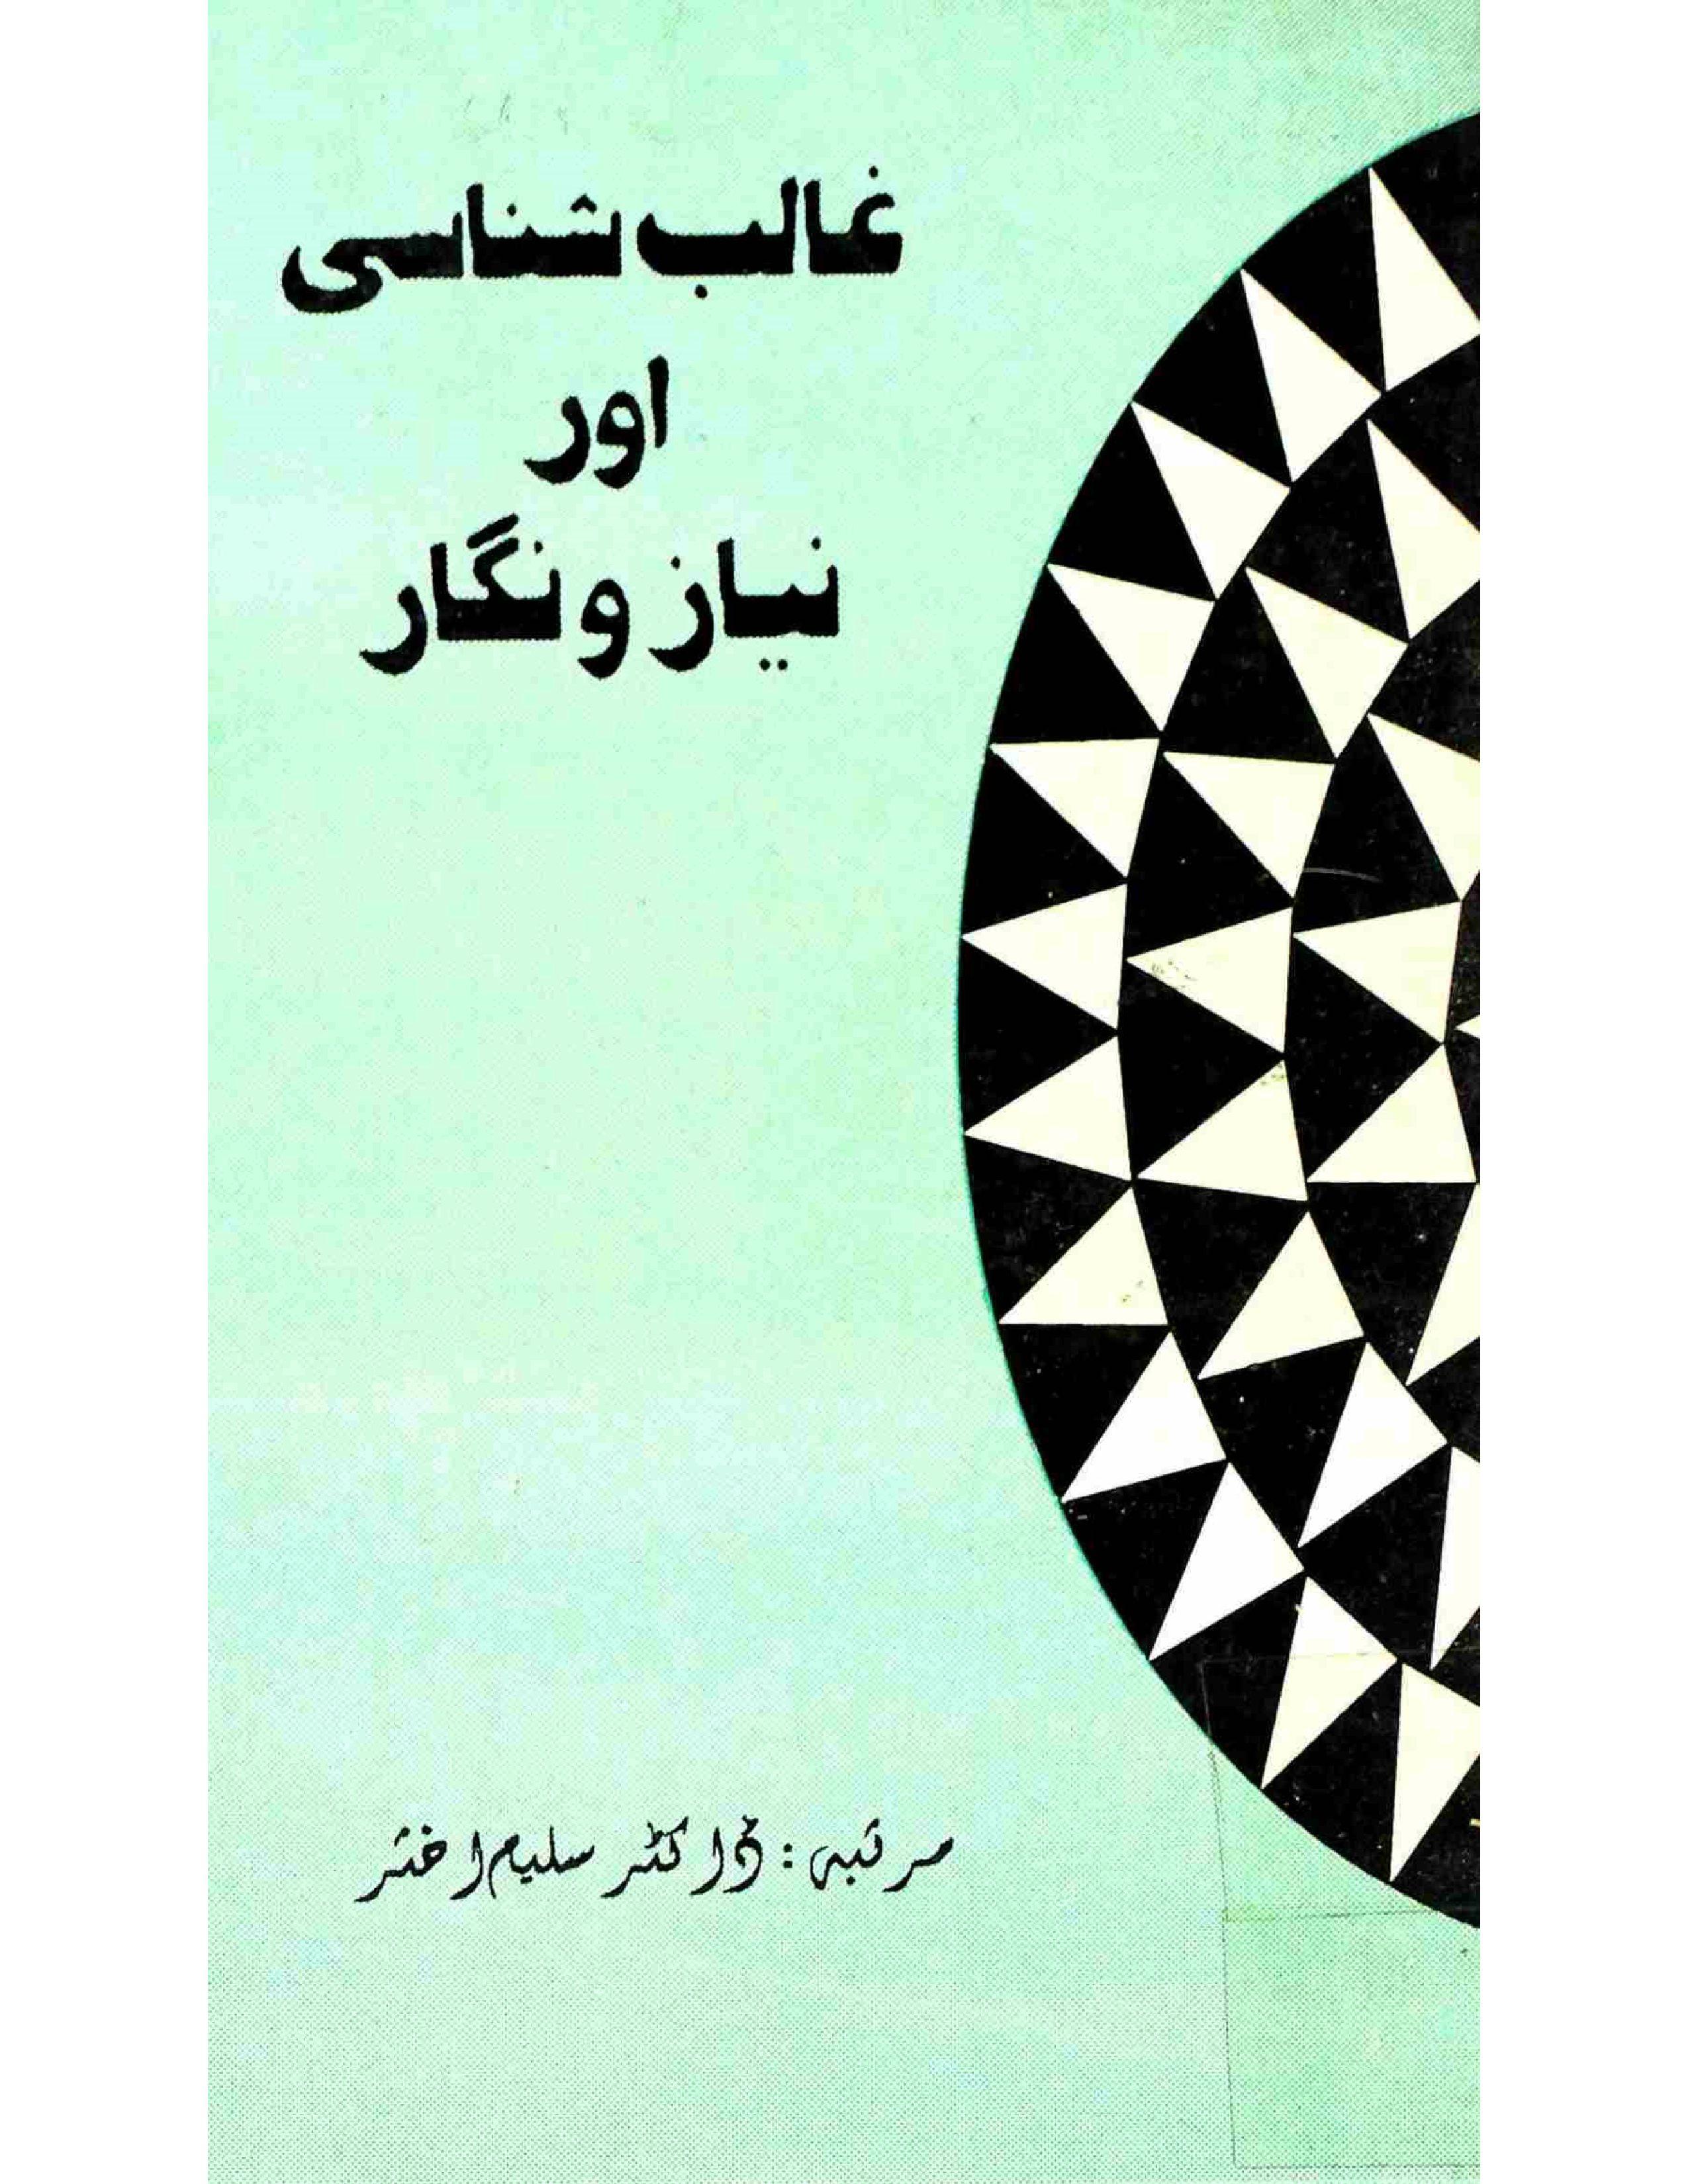 Ghalib Shanasi Aur Niyaz-o-Nigar